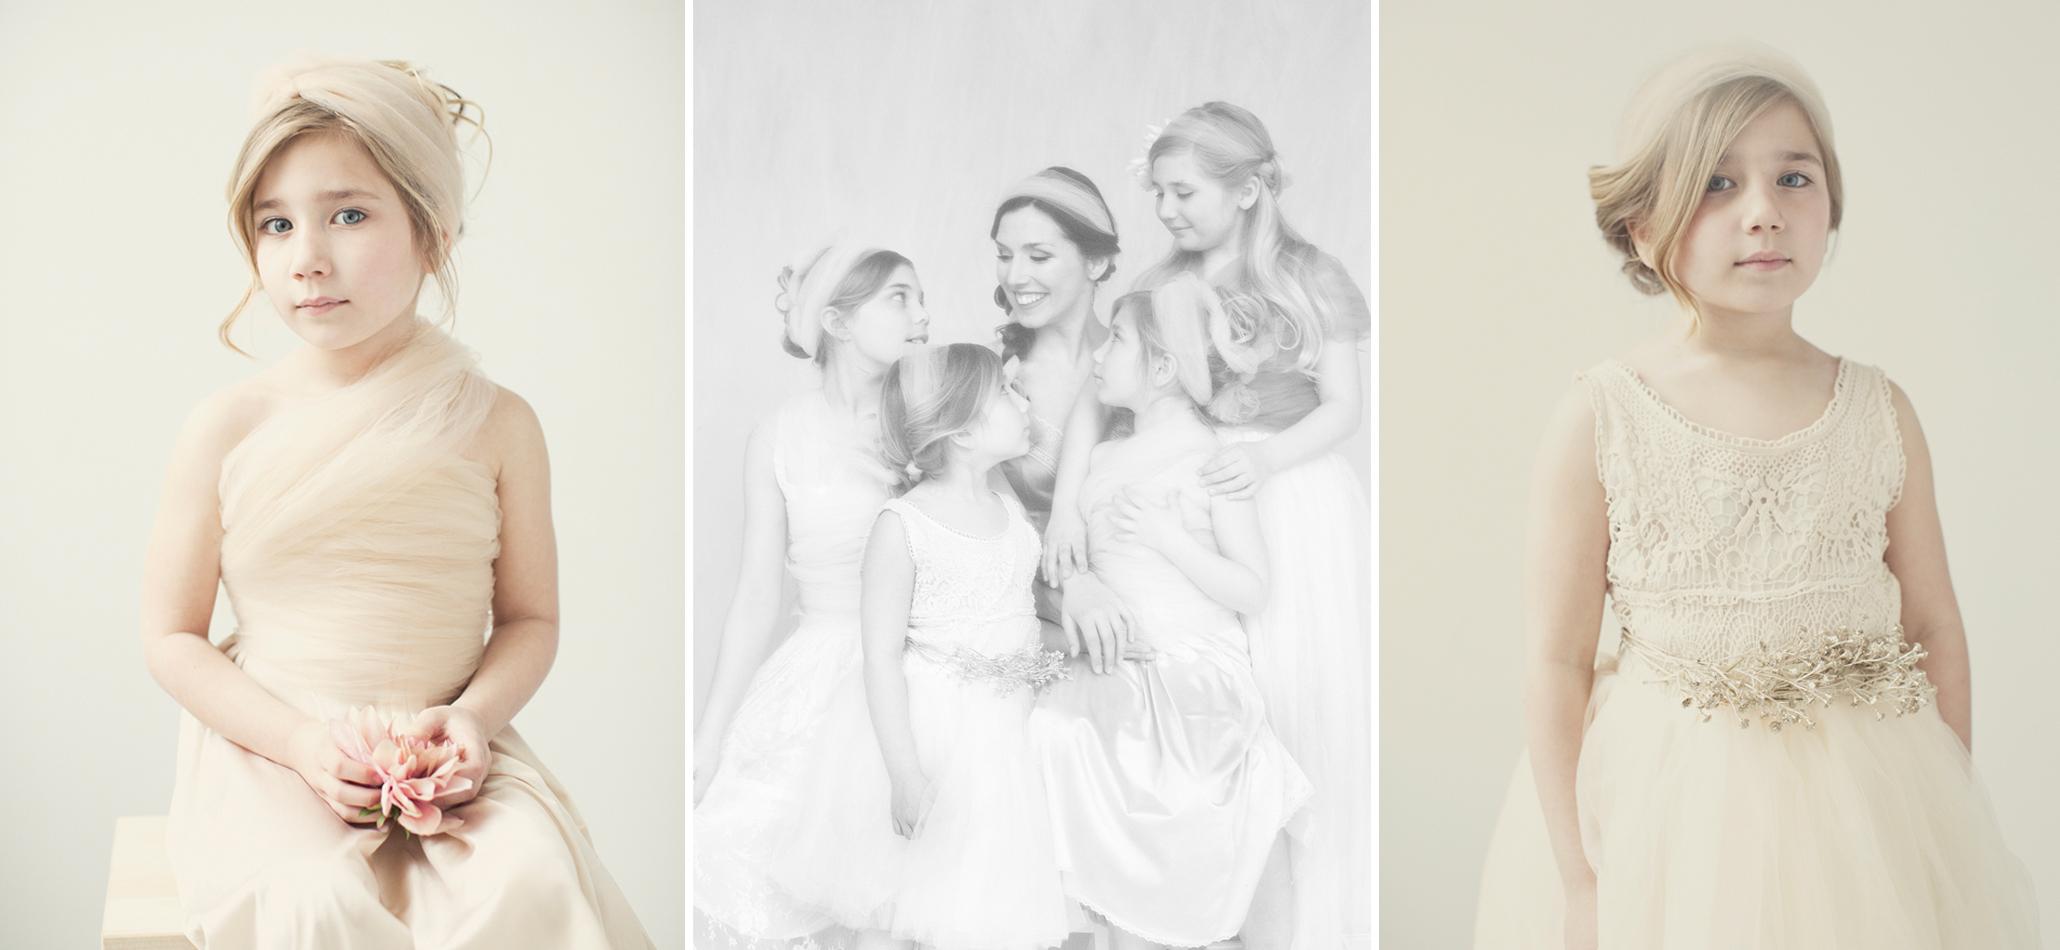 CarrieRoseman_CSC_triptych2.jpg